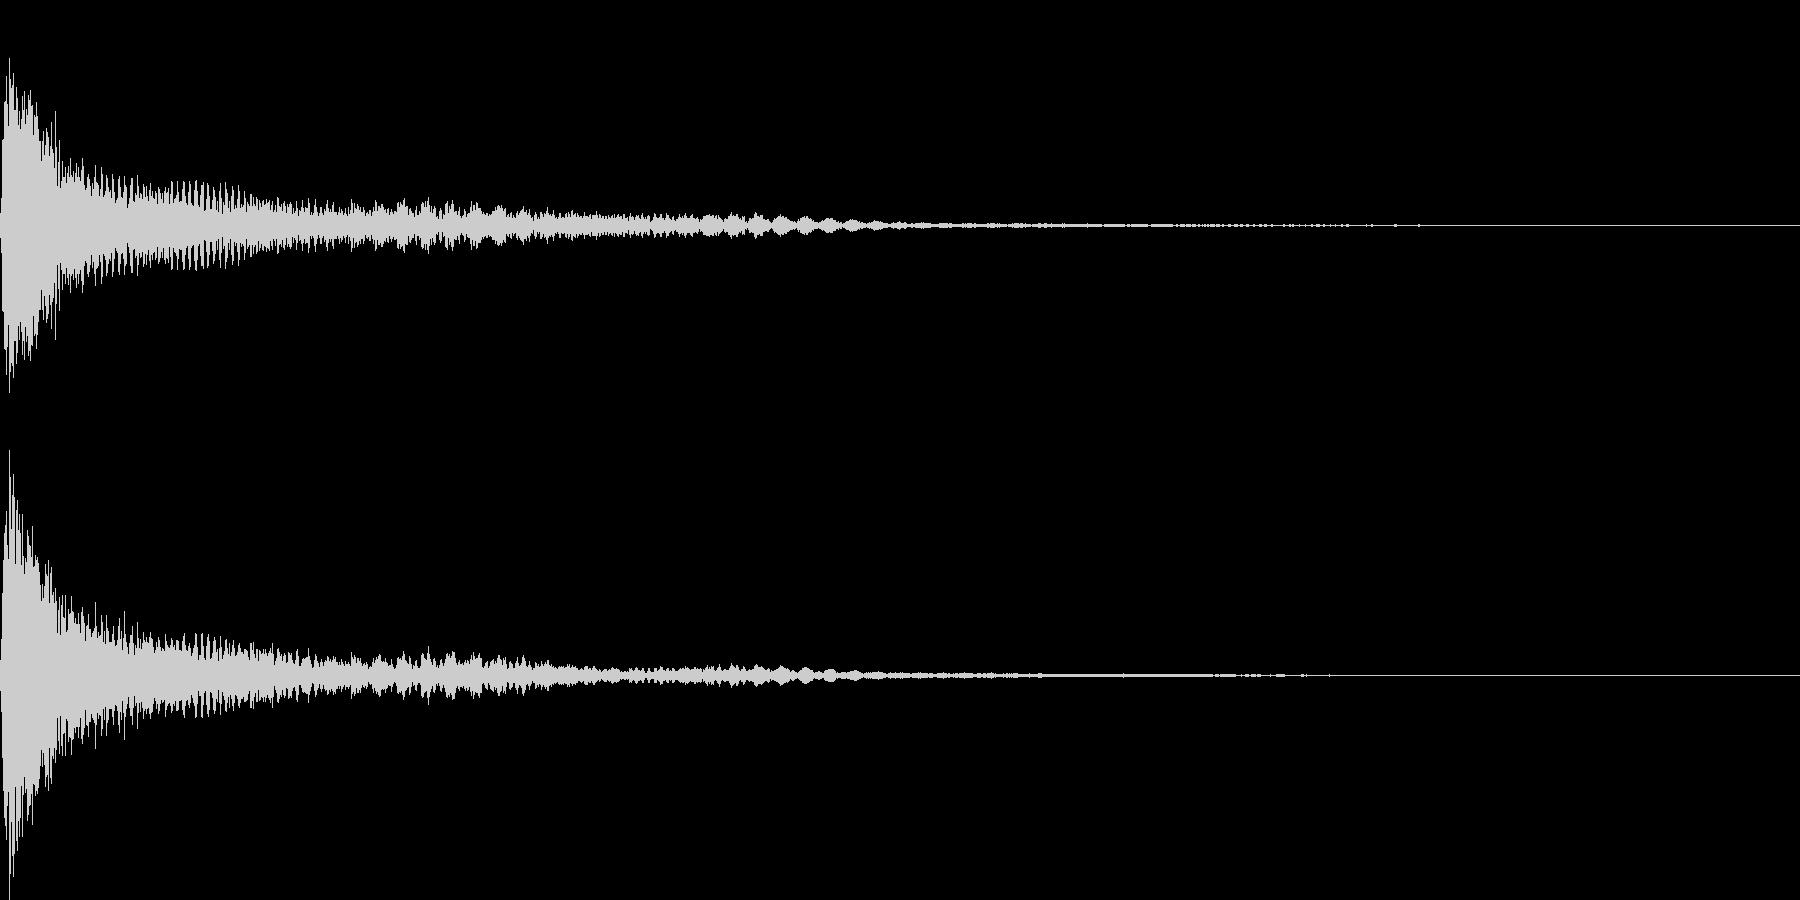 恐怖音02(ドキッ)の未再生の波形